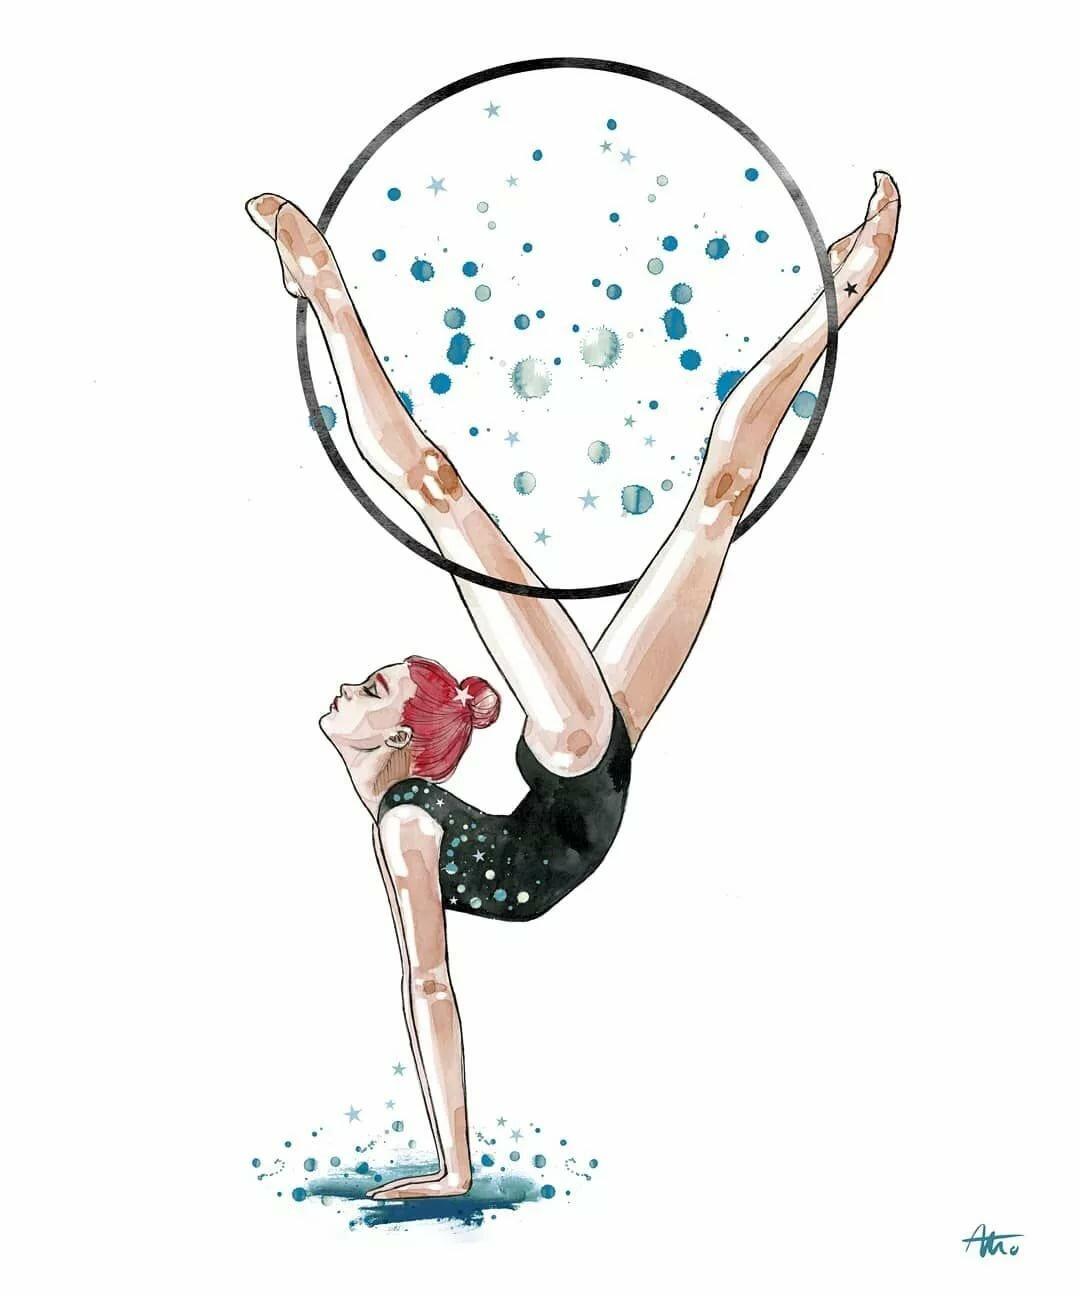 Тренер по художественной гимнастике картинка нарисованная